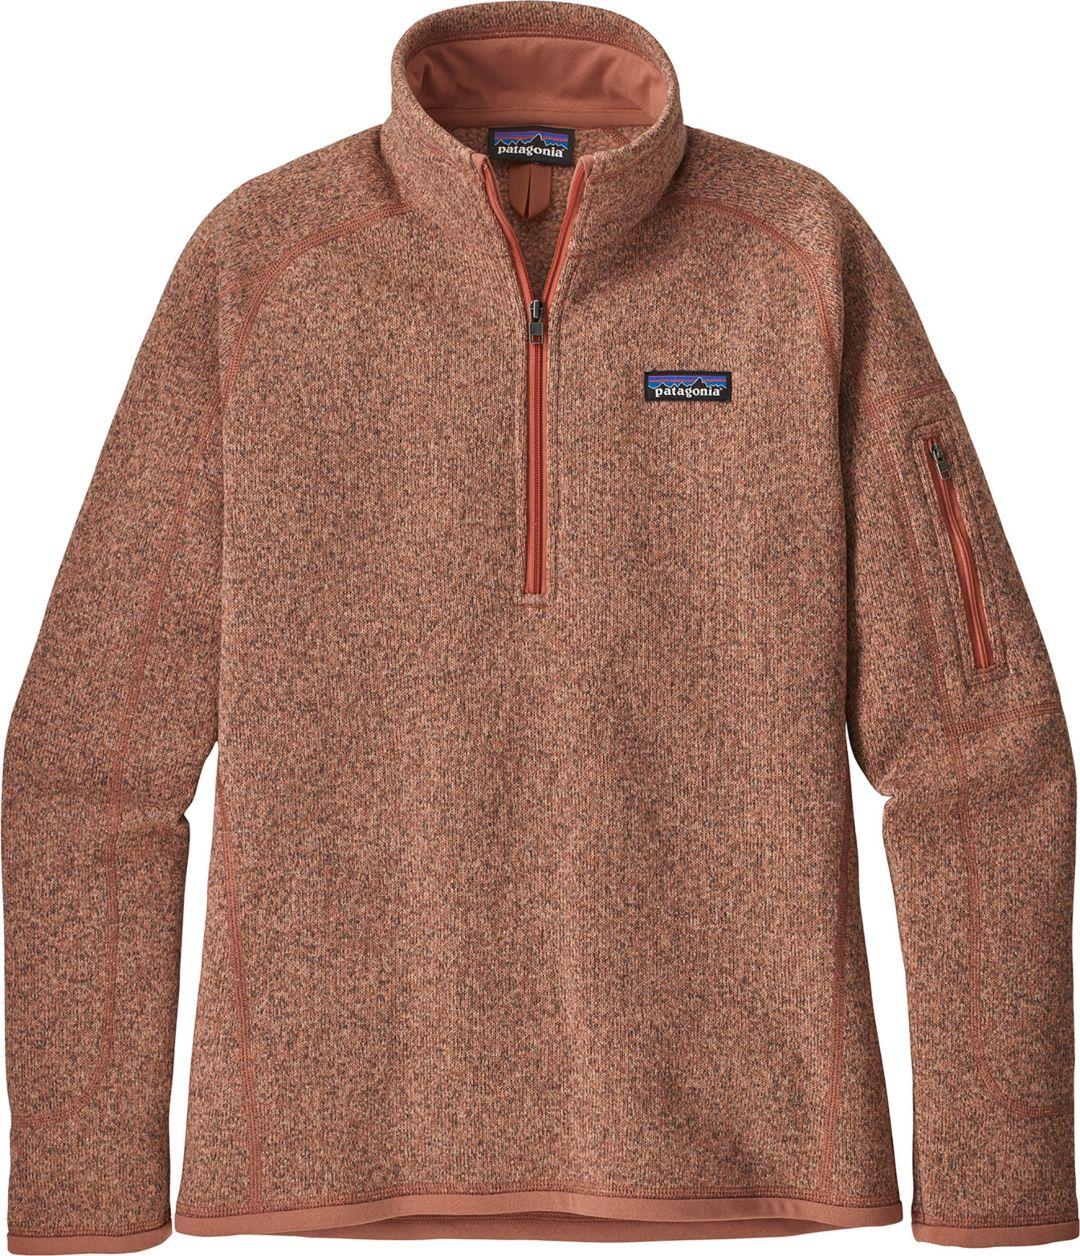 Patagonia Women's Better Sweater 14 Zip Fleece Jacket